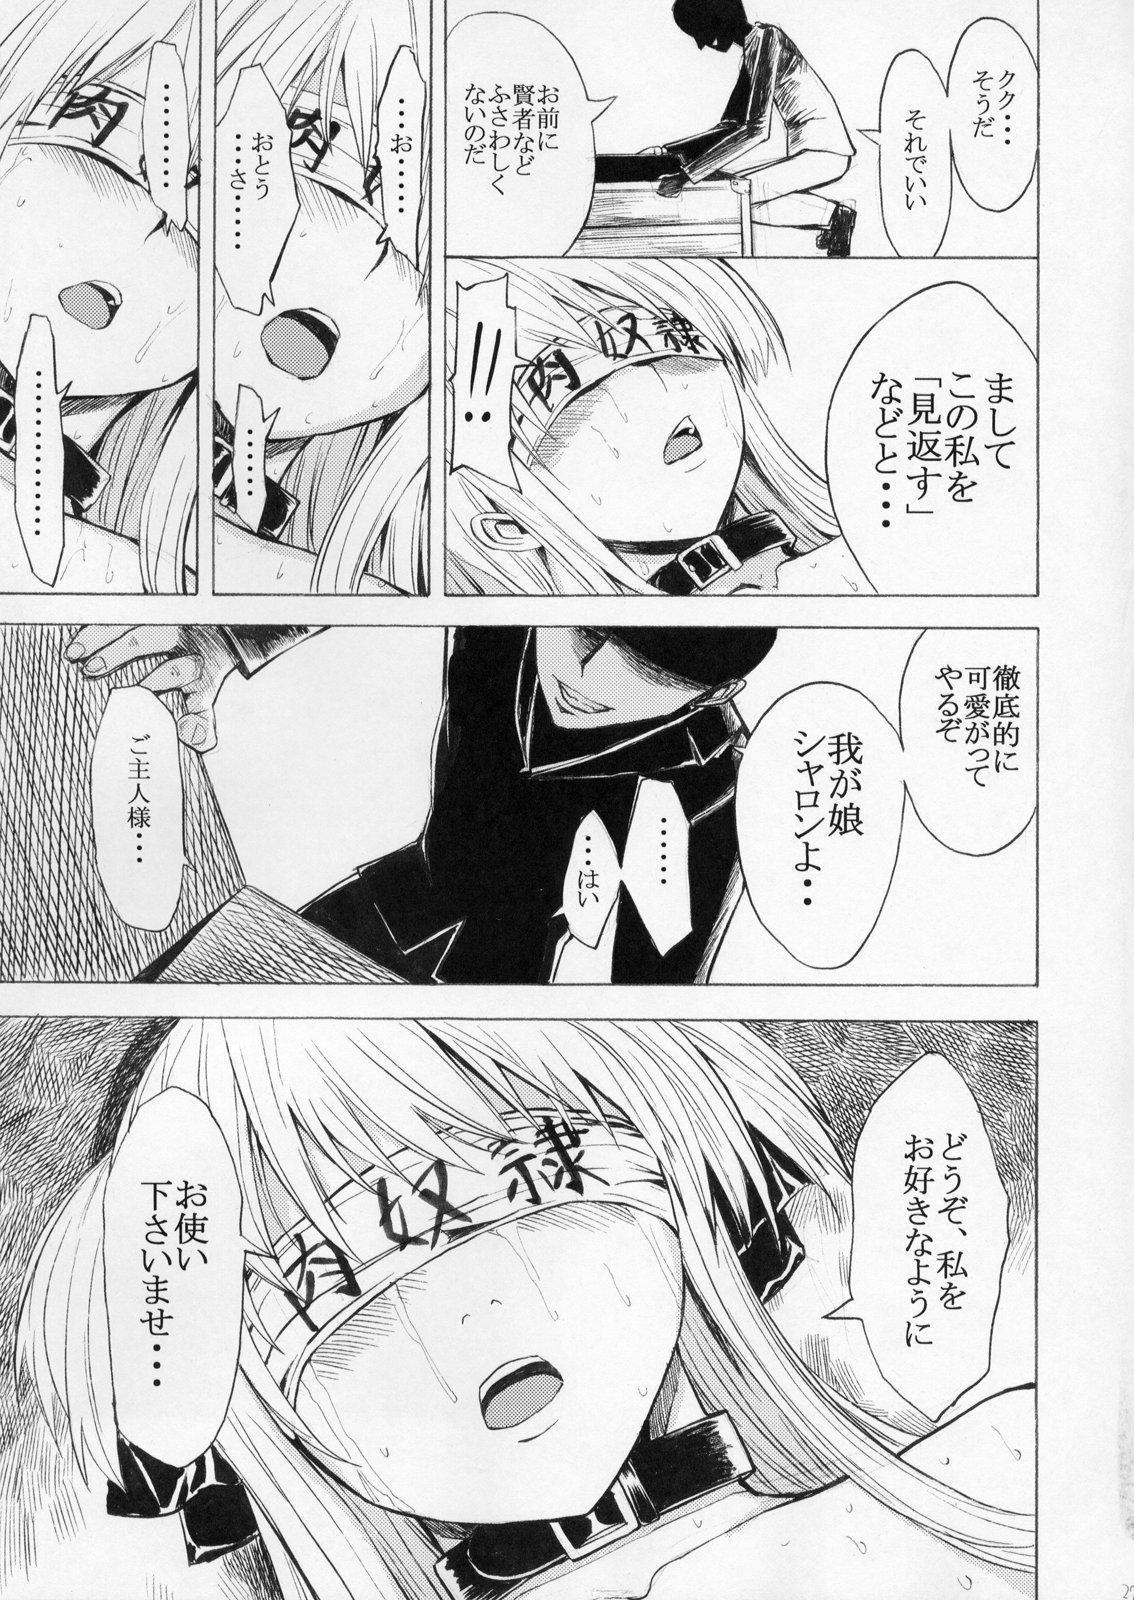 Ura Mahou Gakuen Kenja Ikusei Keikaku 25